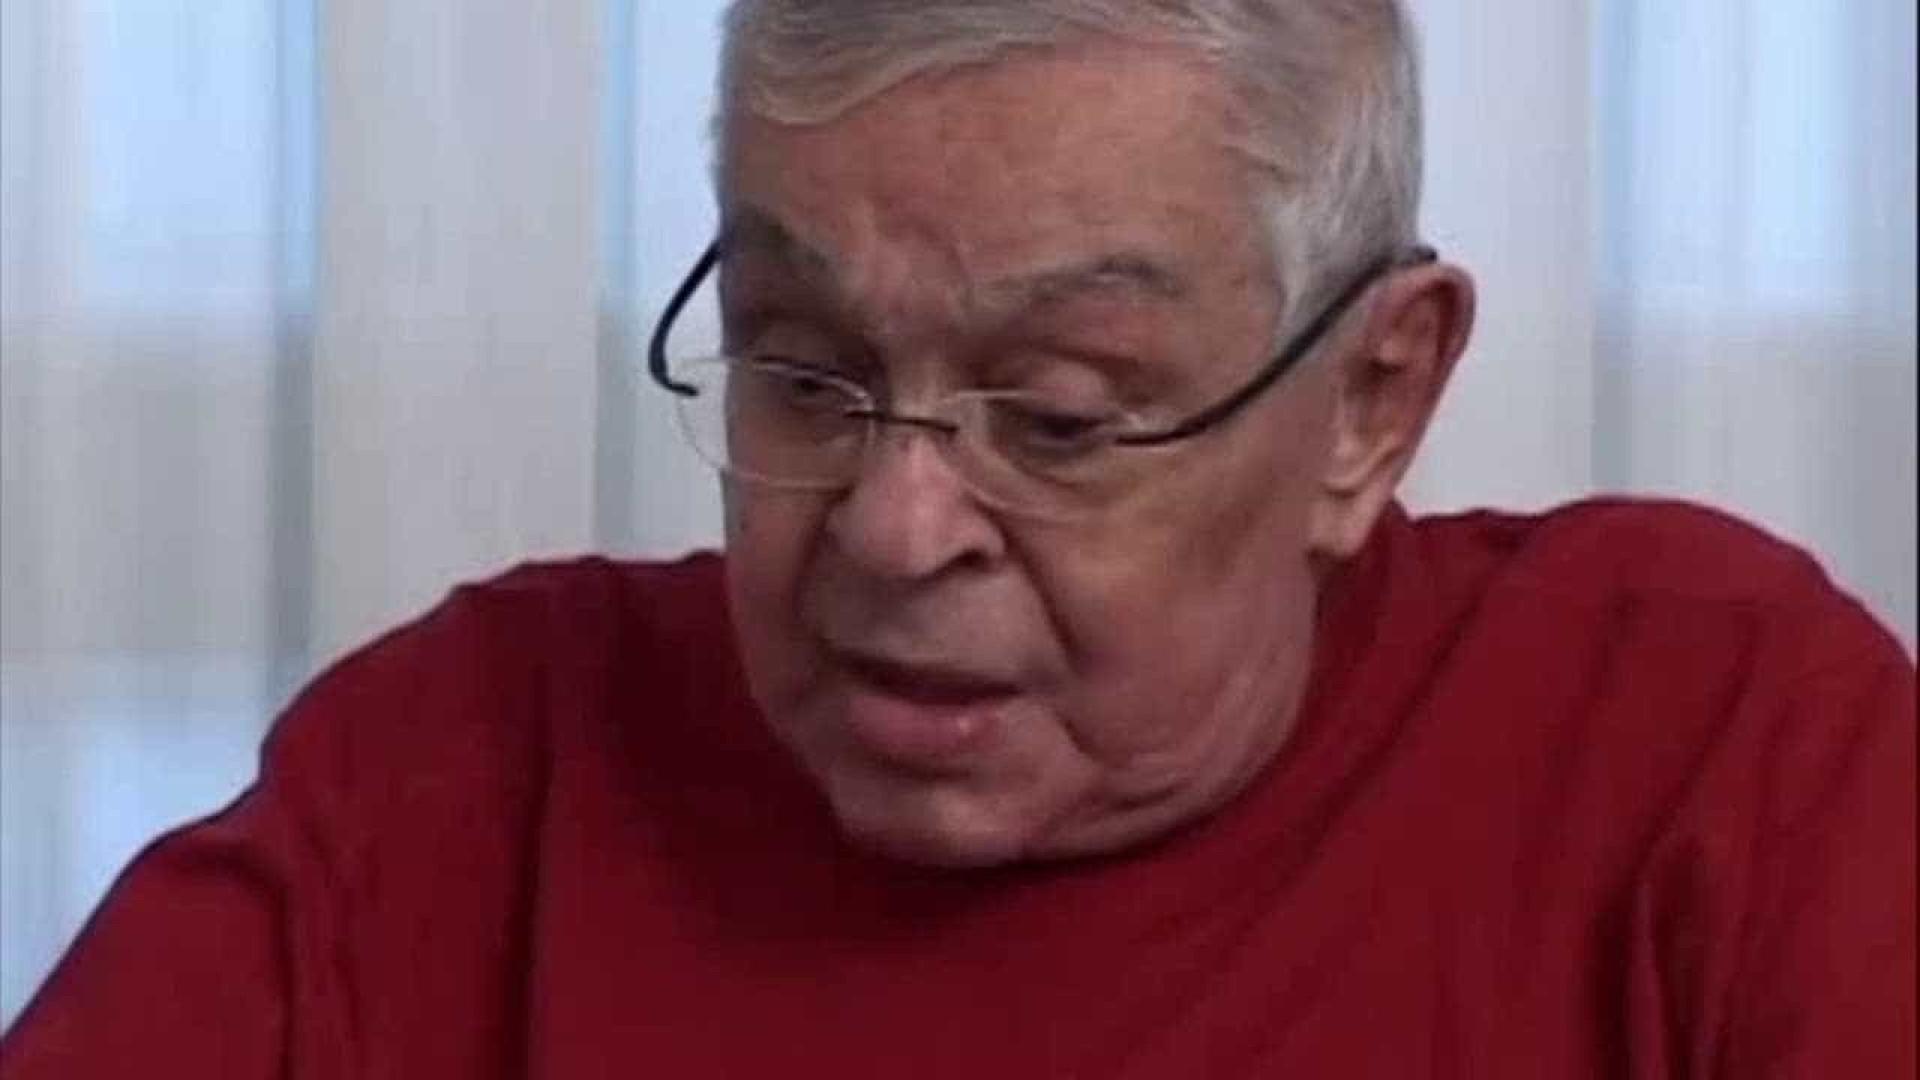 Viúva perde direito de administrar bens de Chico Anysio; entenda